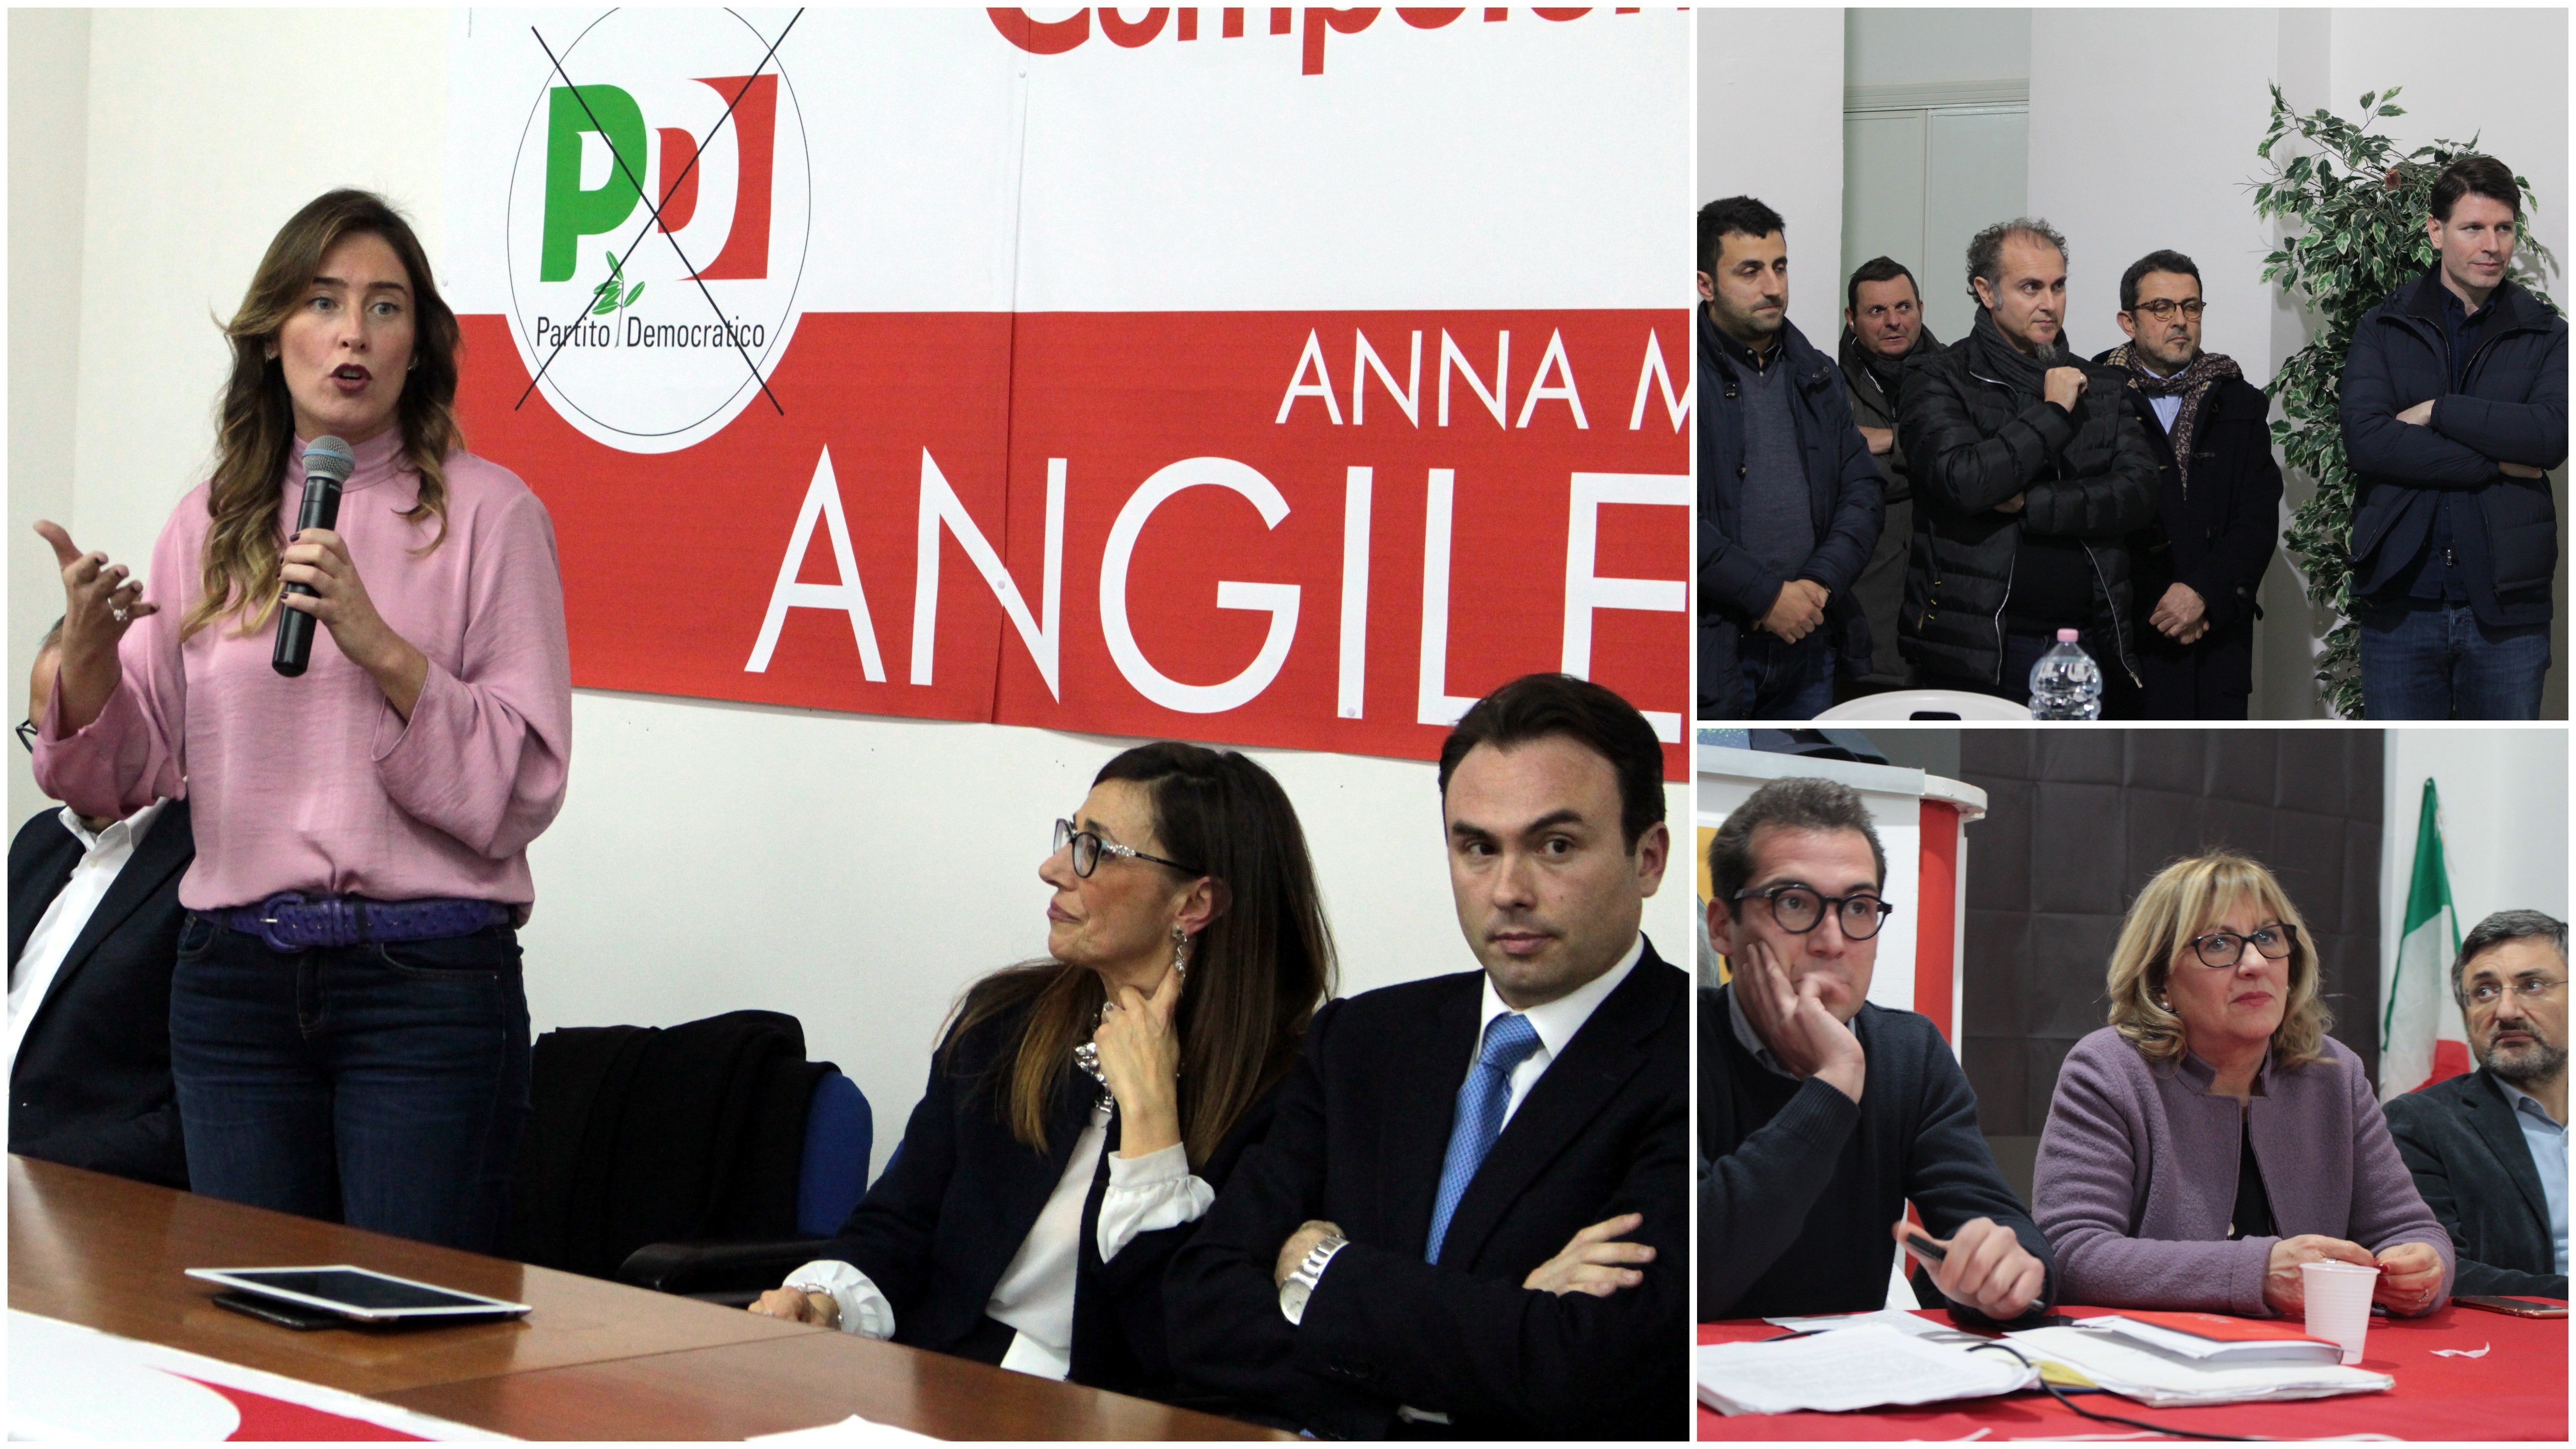 Politiche 2018: a Marsala un venerdì di passione con i candidati di LeU, la Boschi dalla Angileri, Corrao con la Aiello